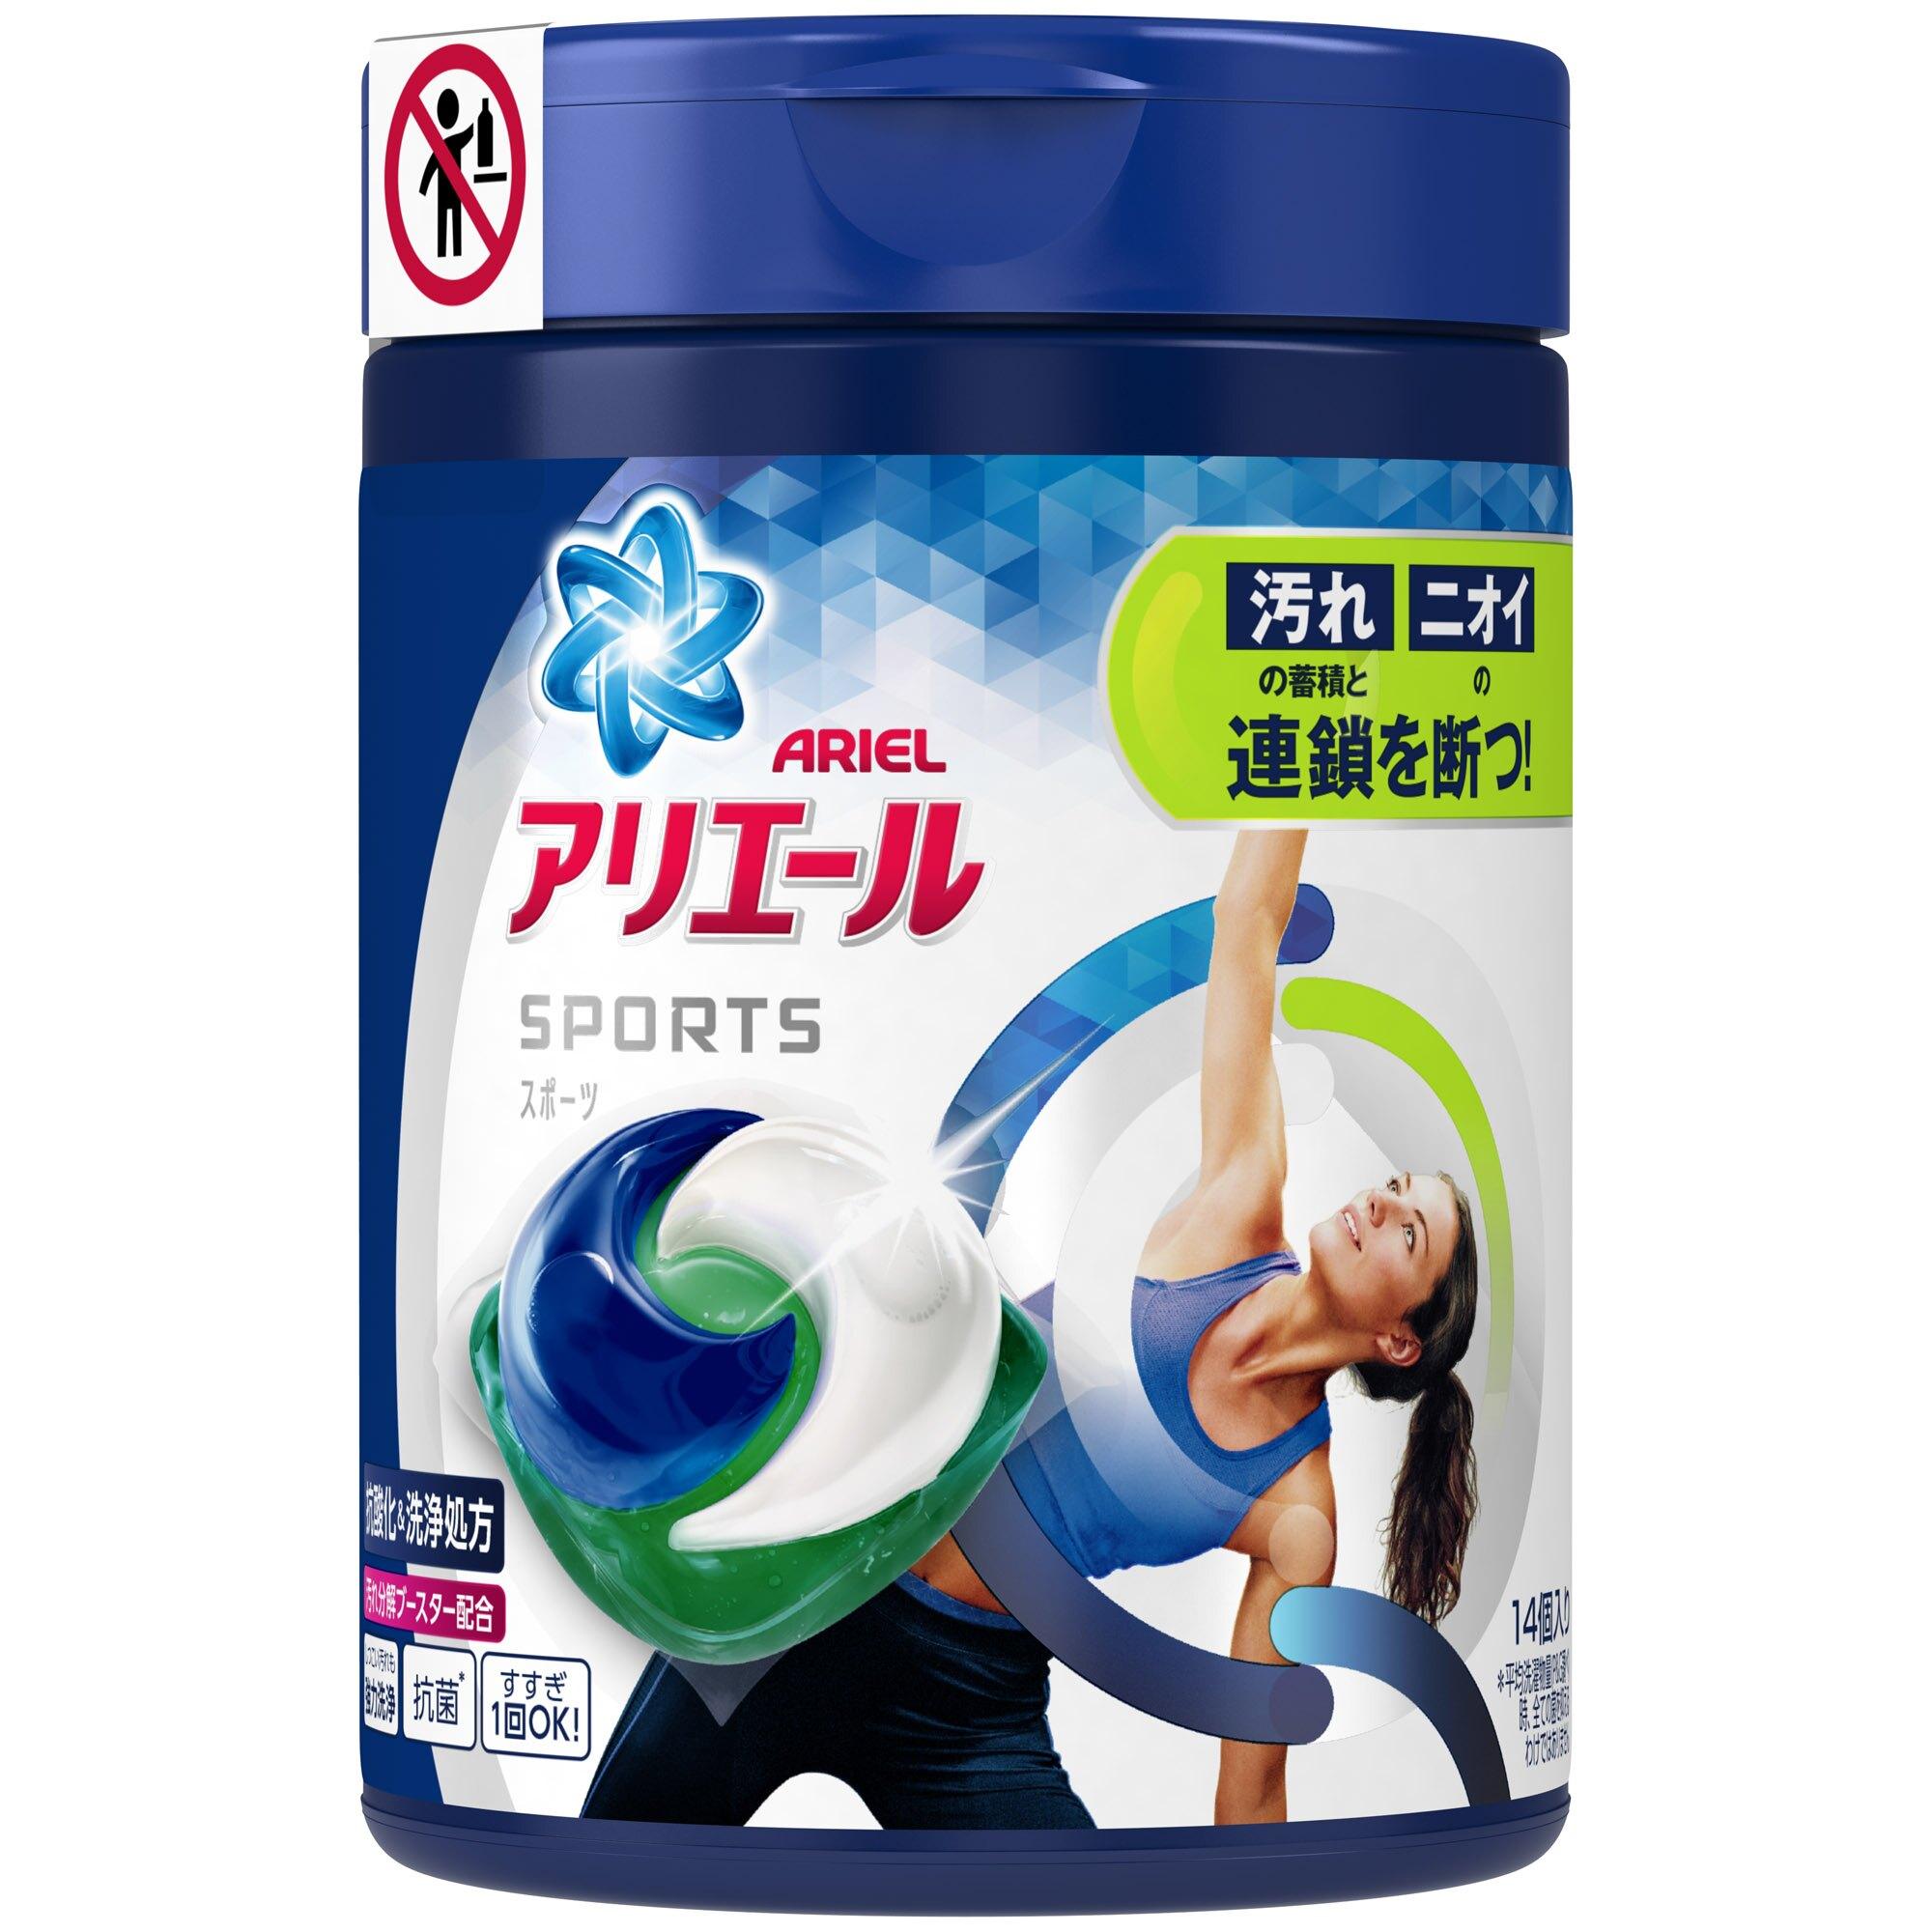 日本P&G Ariel 3D白金運動衣物消臭洗衣球14入(新款)(日本原裝進口) - 日本必買 日本樂天熱銷Top 